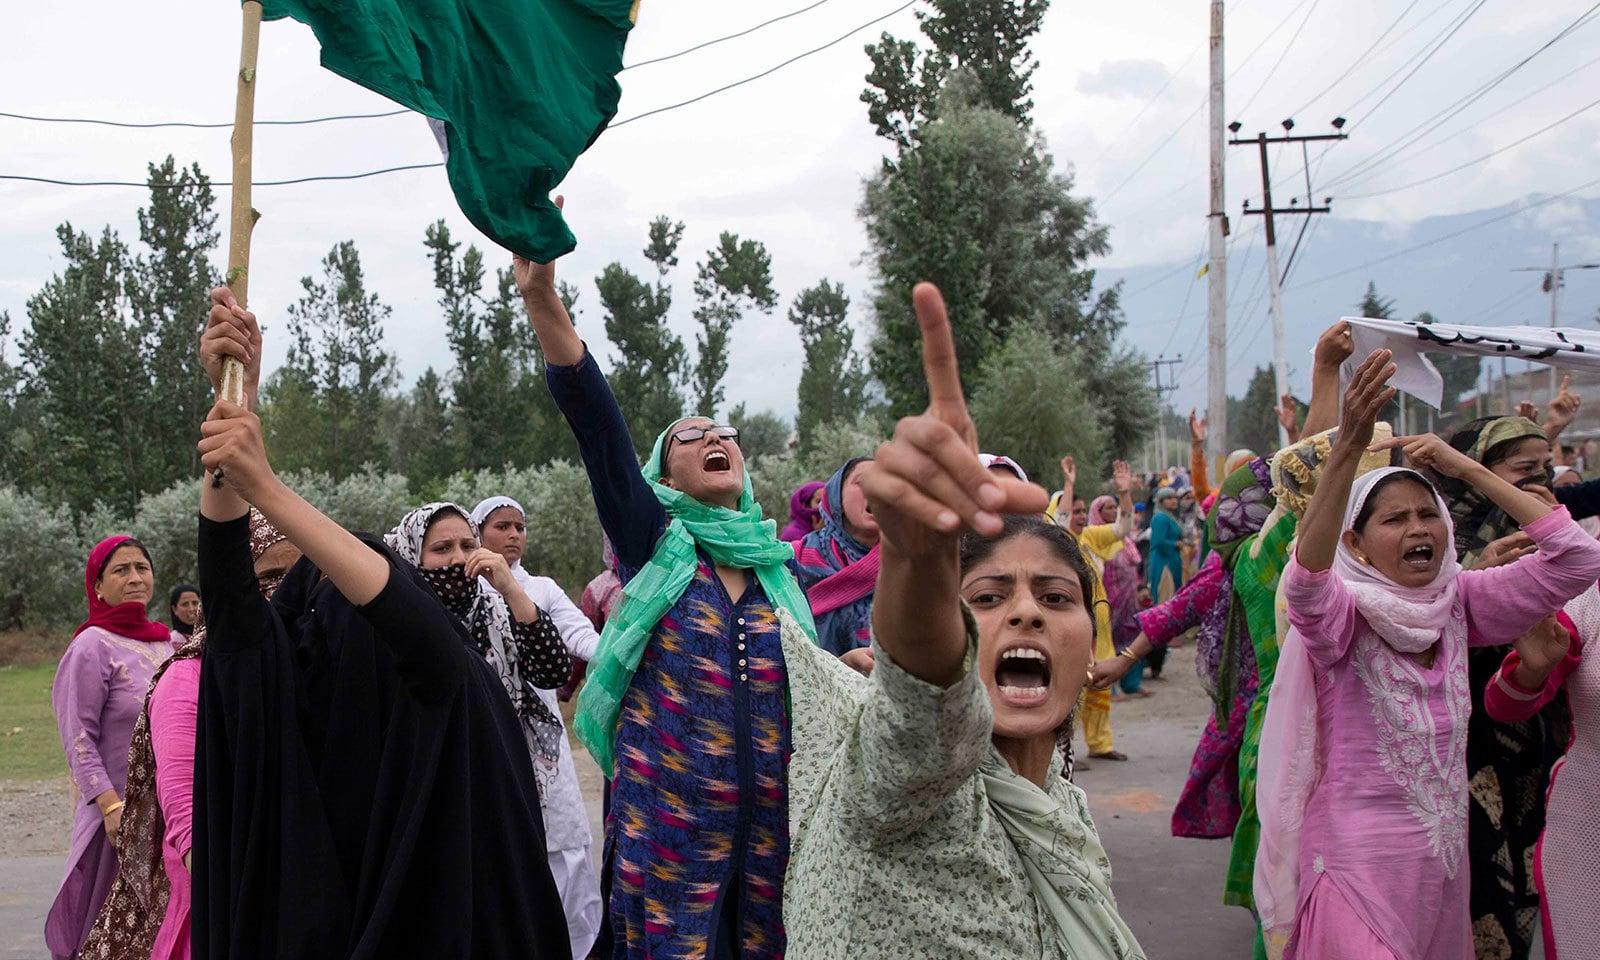 مقبوضہ کشمیر میں خواتین نے جمعے کو بھی احتجاج کیا تھا اور فلک شگاف نعرے لگائے—فوٹو:اے پی